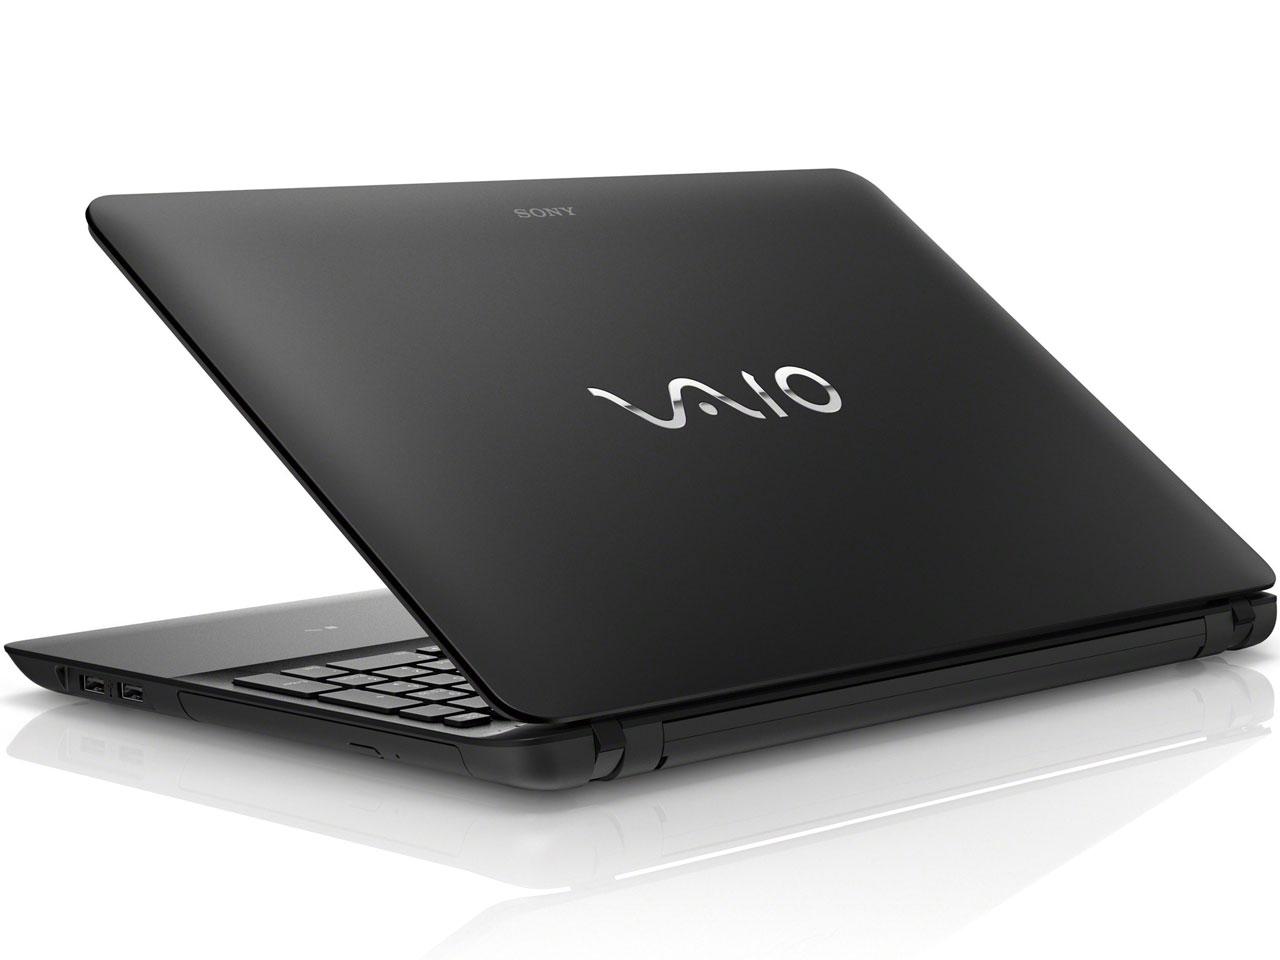 『本体 背面』 VAIO Fit 15E SVF15217CJB [ブラック] の製品画像